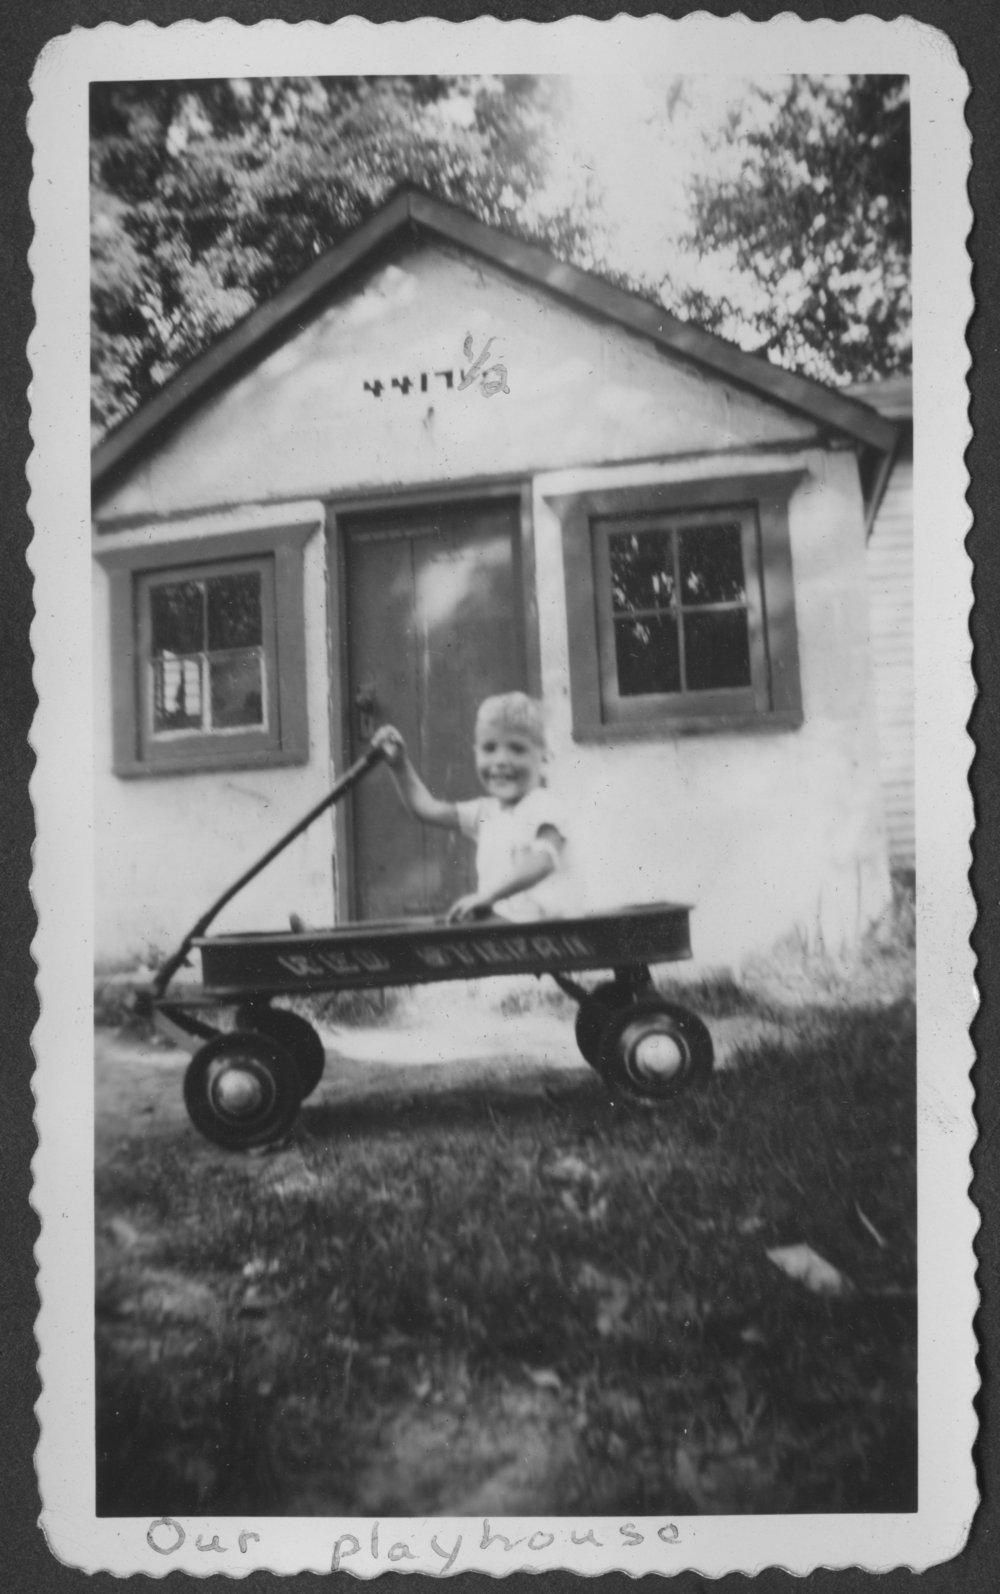 Anita Straub photo album